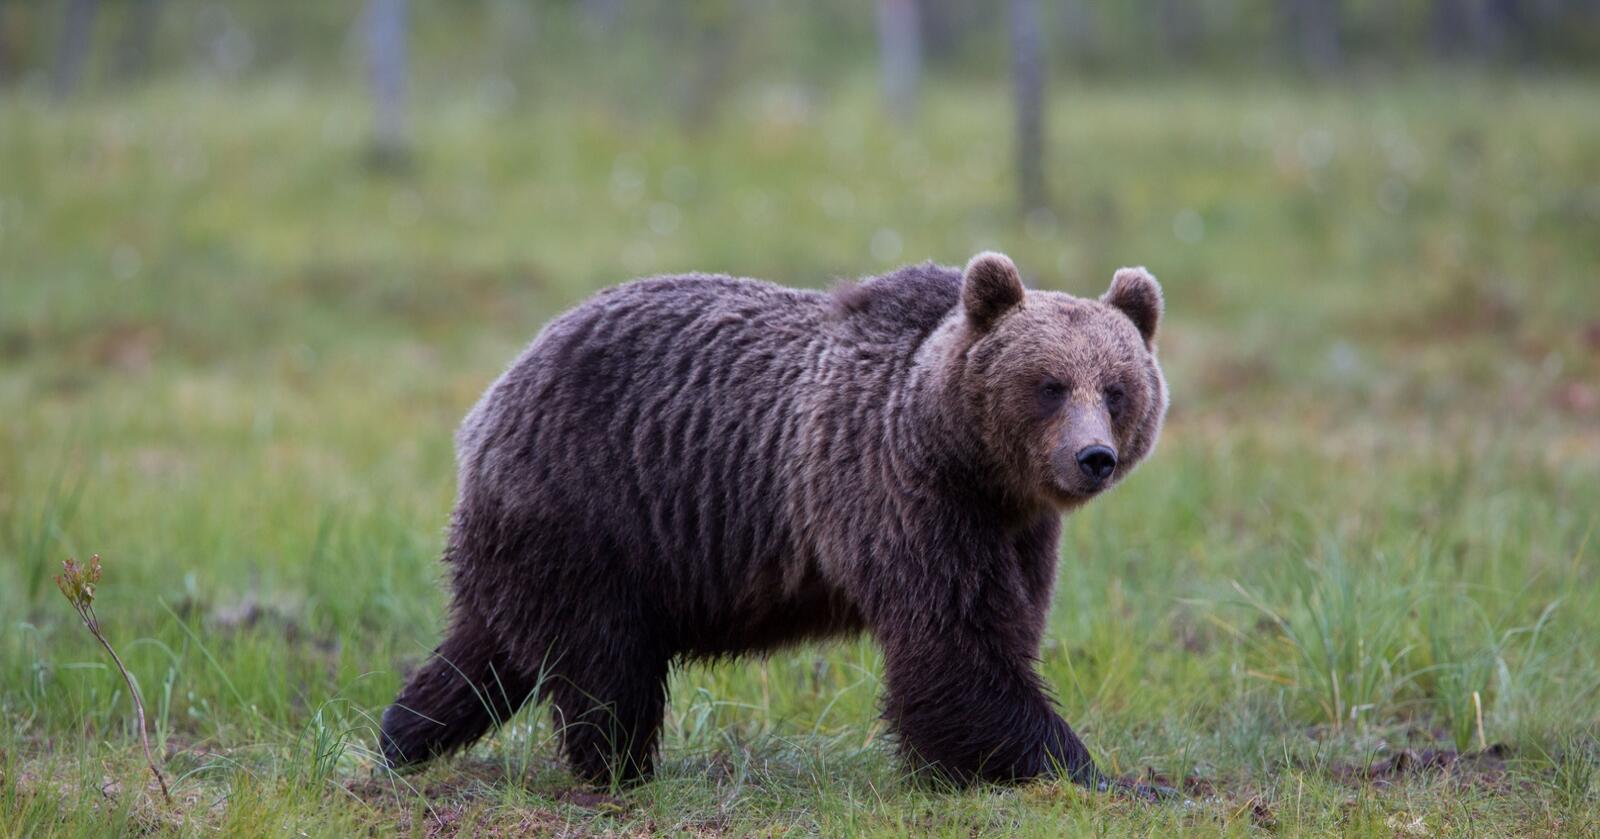 Rovdyr og beitedyr: Beitelagene får ikke beskjed når det er rovdyr på vei inn i beiteprioritert område selv ikke når rovdyrene er radiomerket. Illustrasjonsfoto: Mostphotos